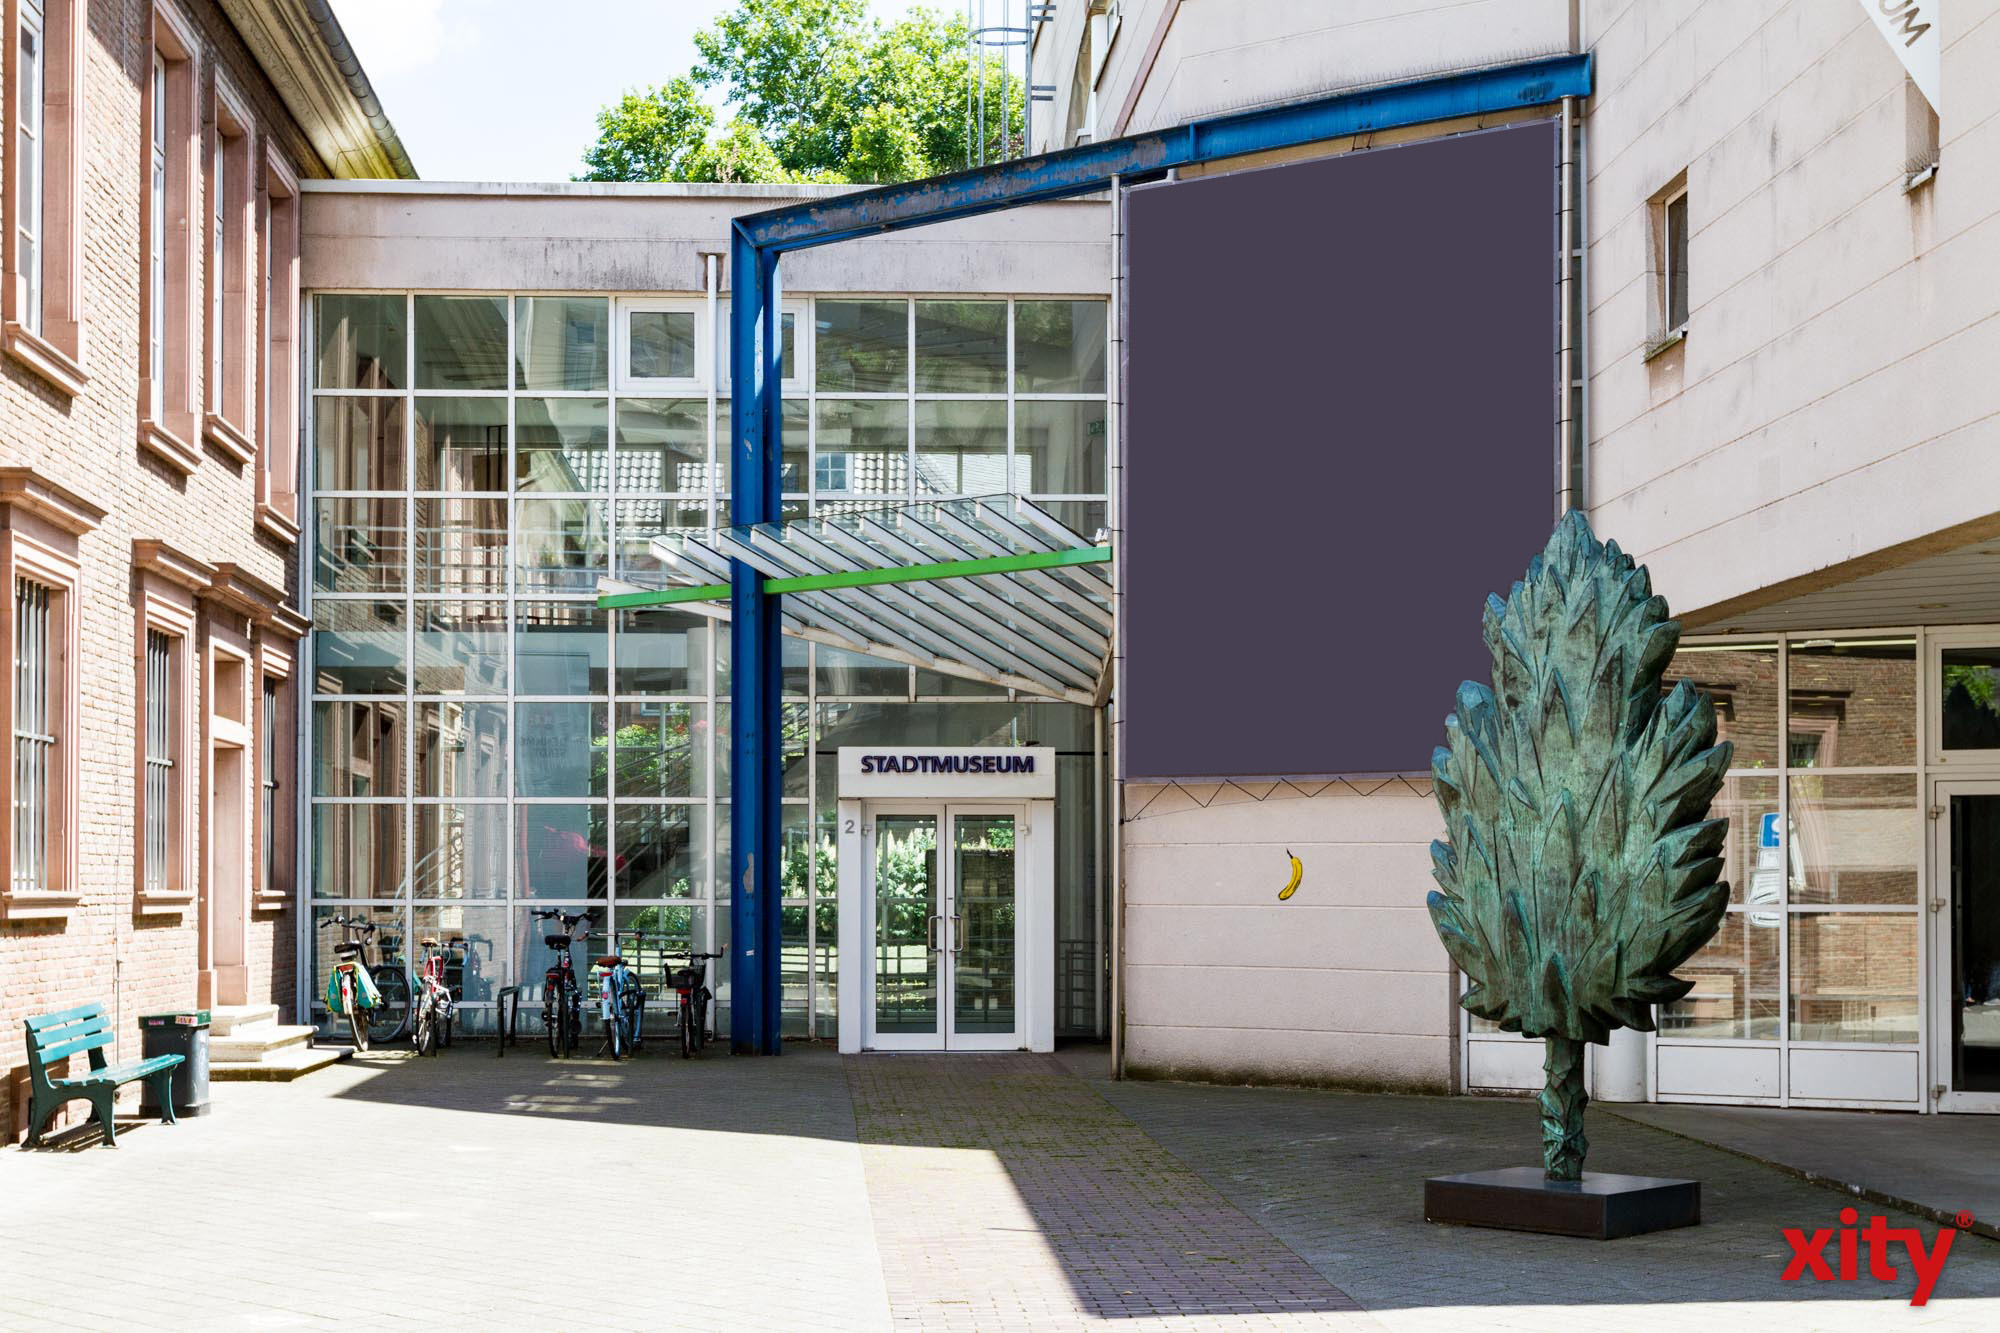 """Ausstellung """"Entrechtet und beraubt. Der Kunsthändler Max Stern"""" im Stadtmuseum Düsseldorf (Foto: xity)"""